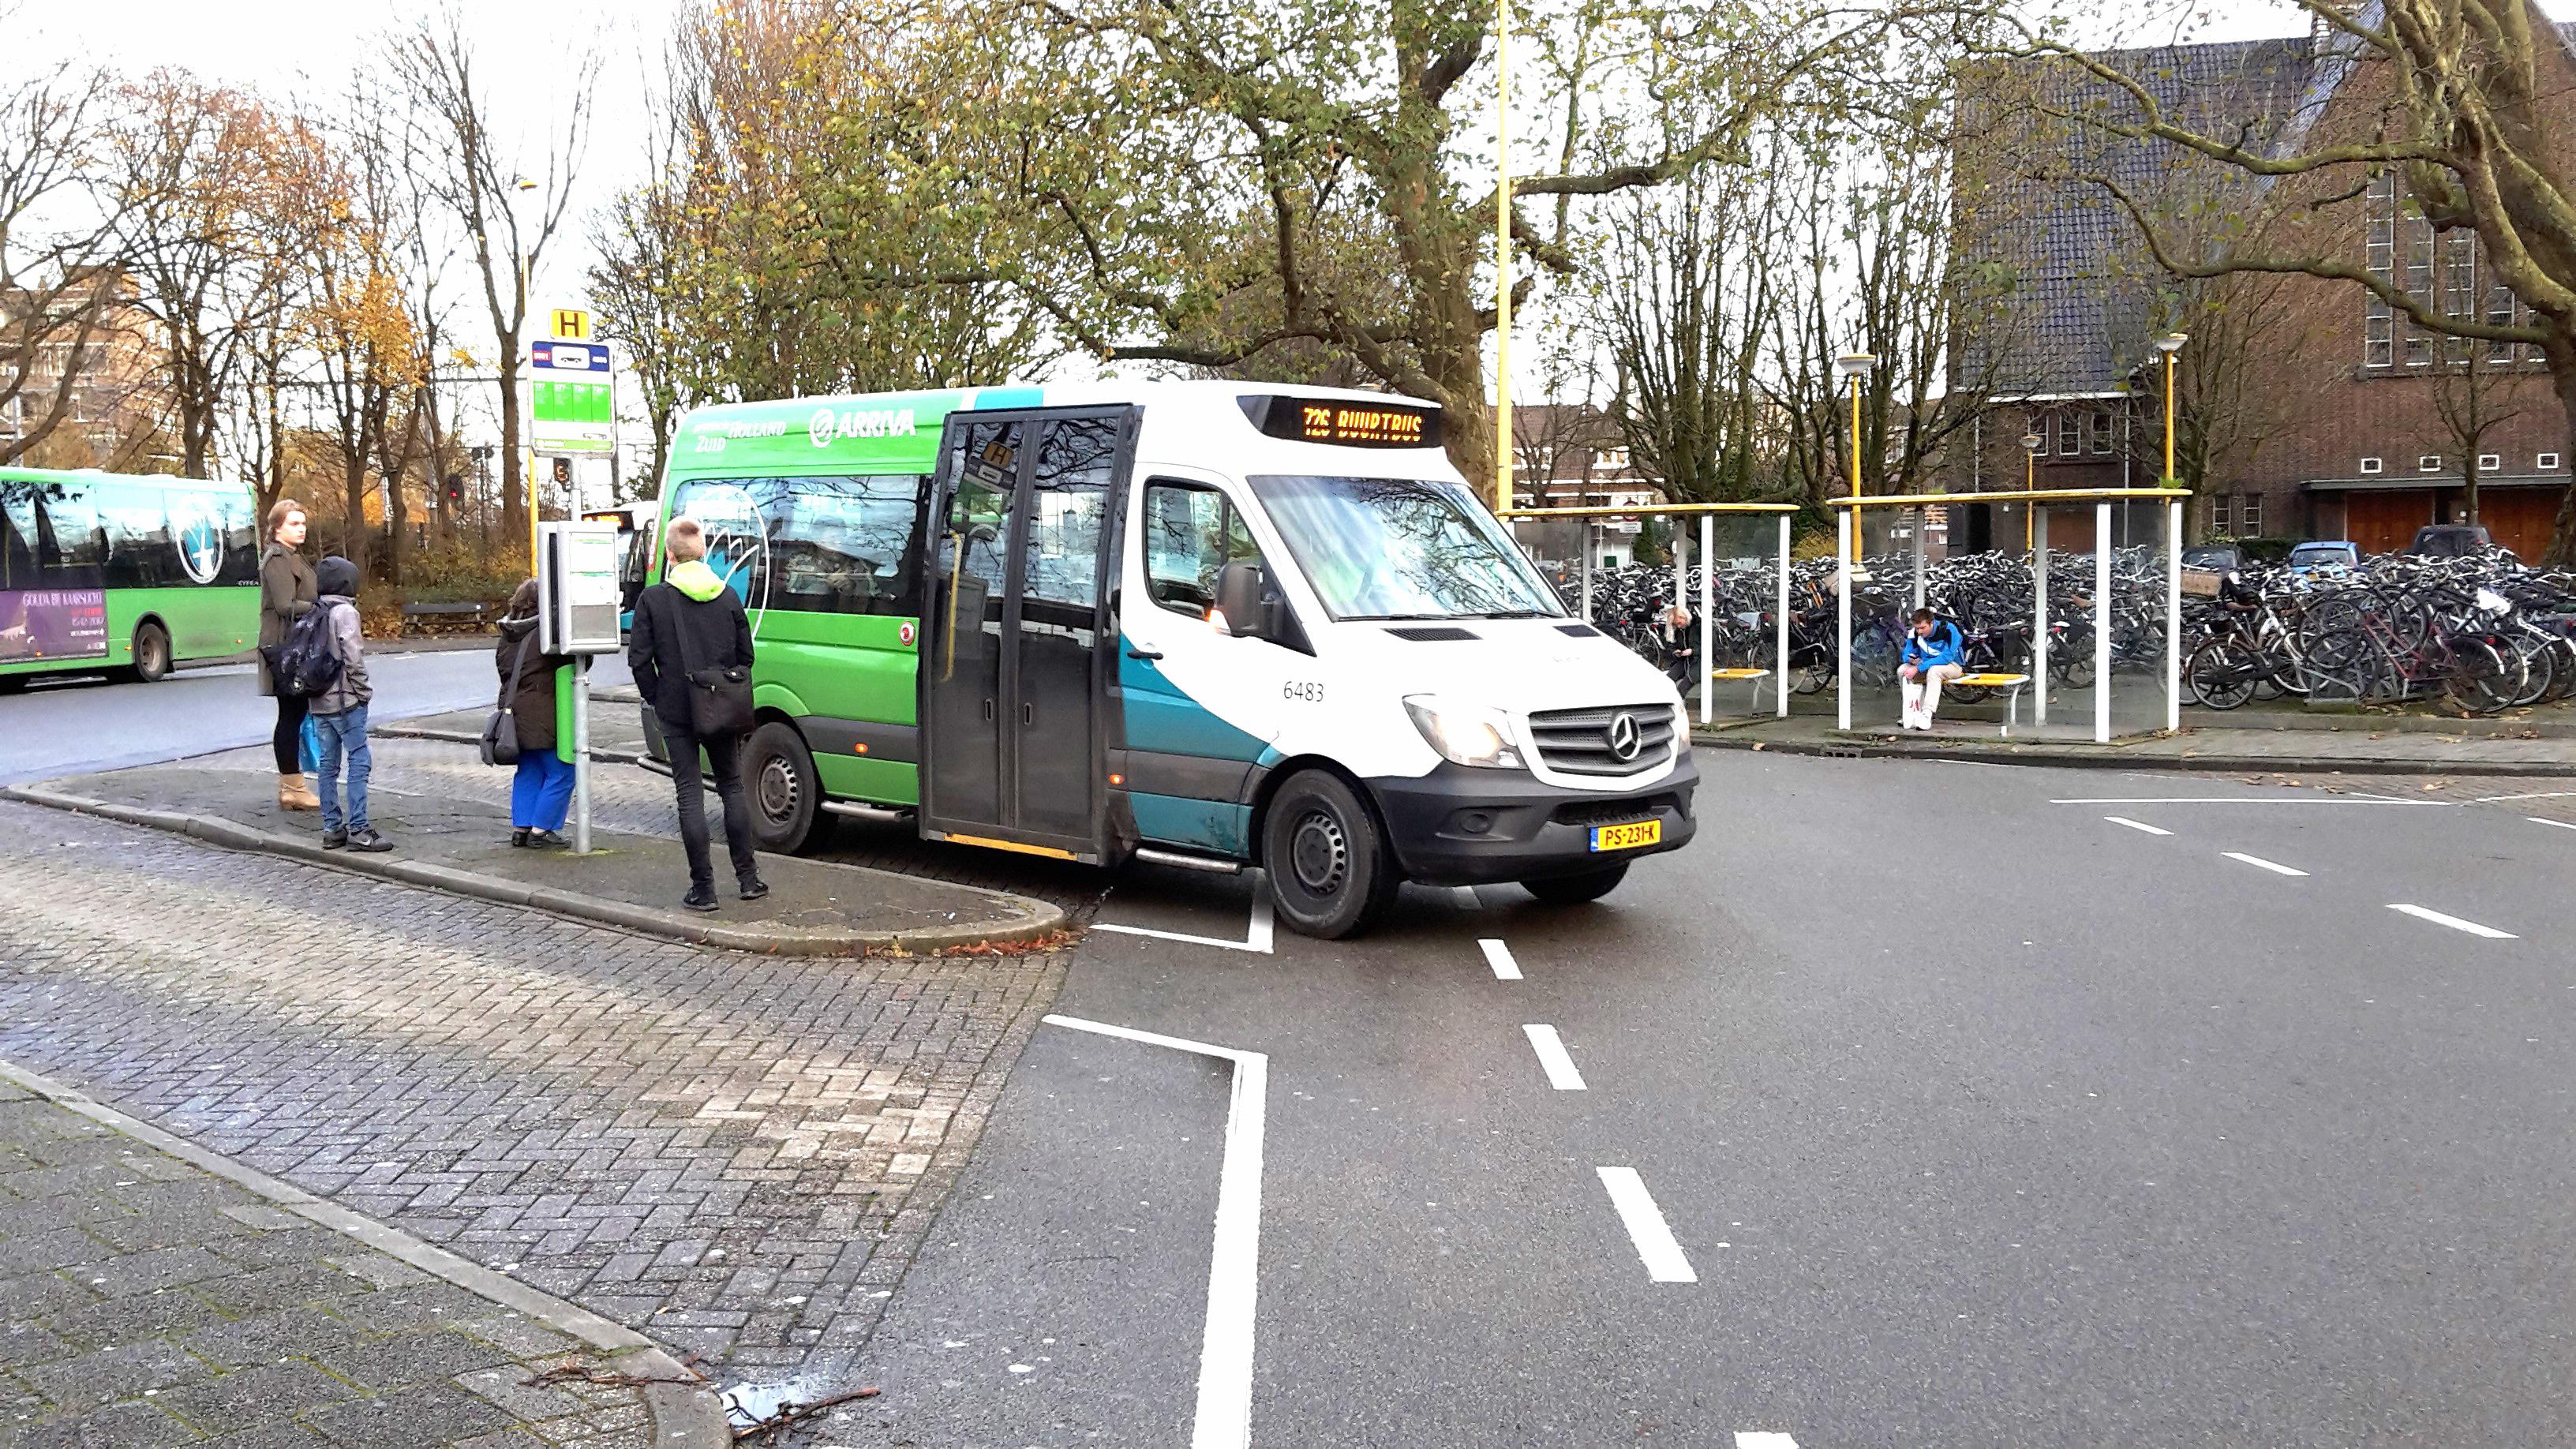 Buurtbus lijn 726 Reeuwijk – Gouda rijdt met nieuwe bus